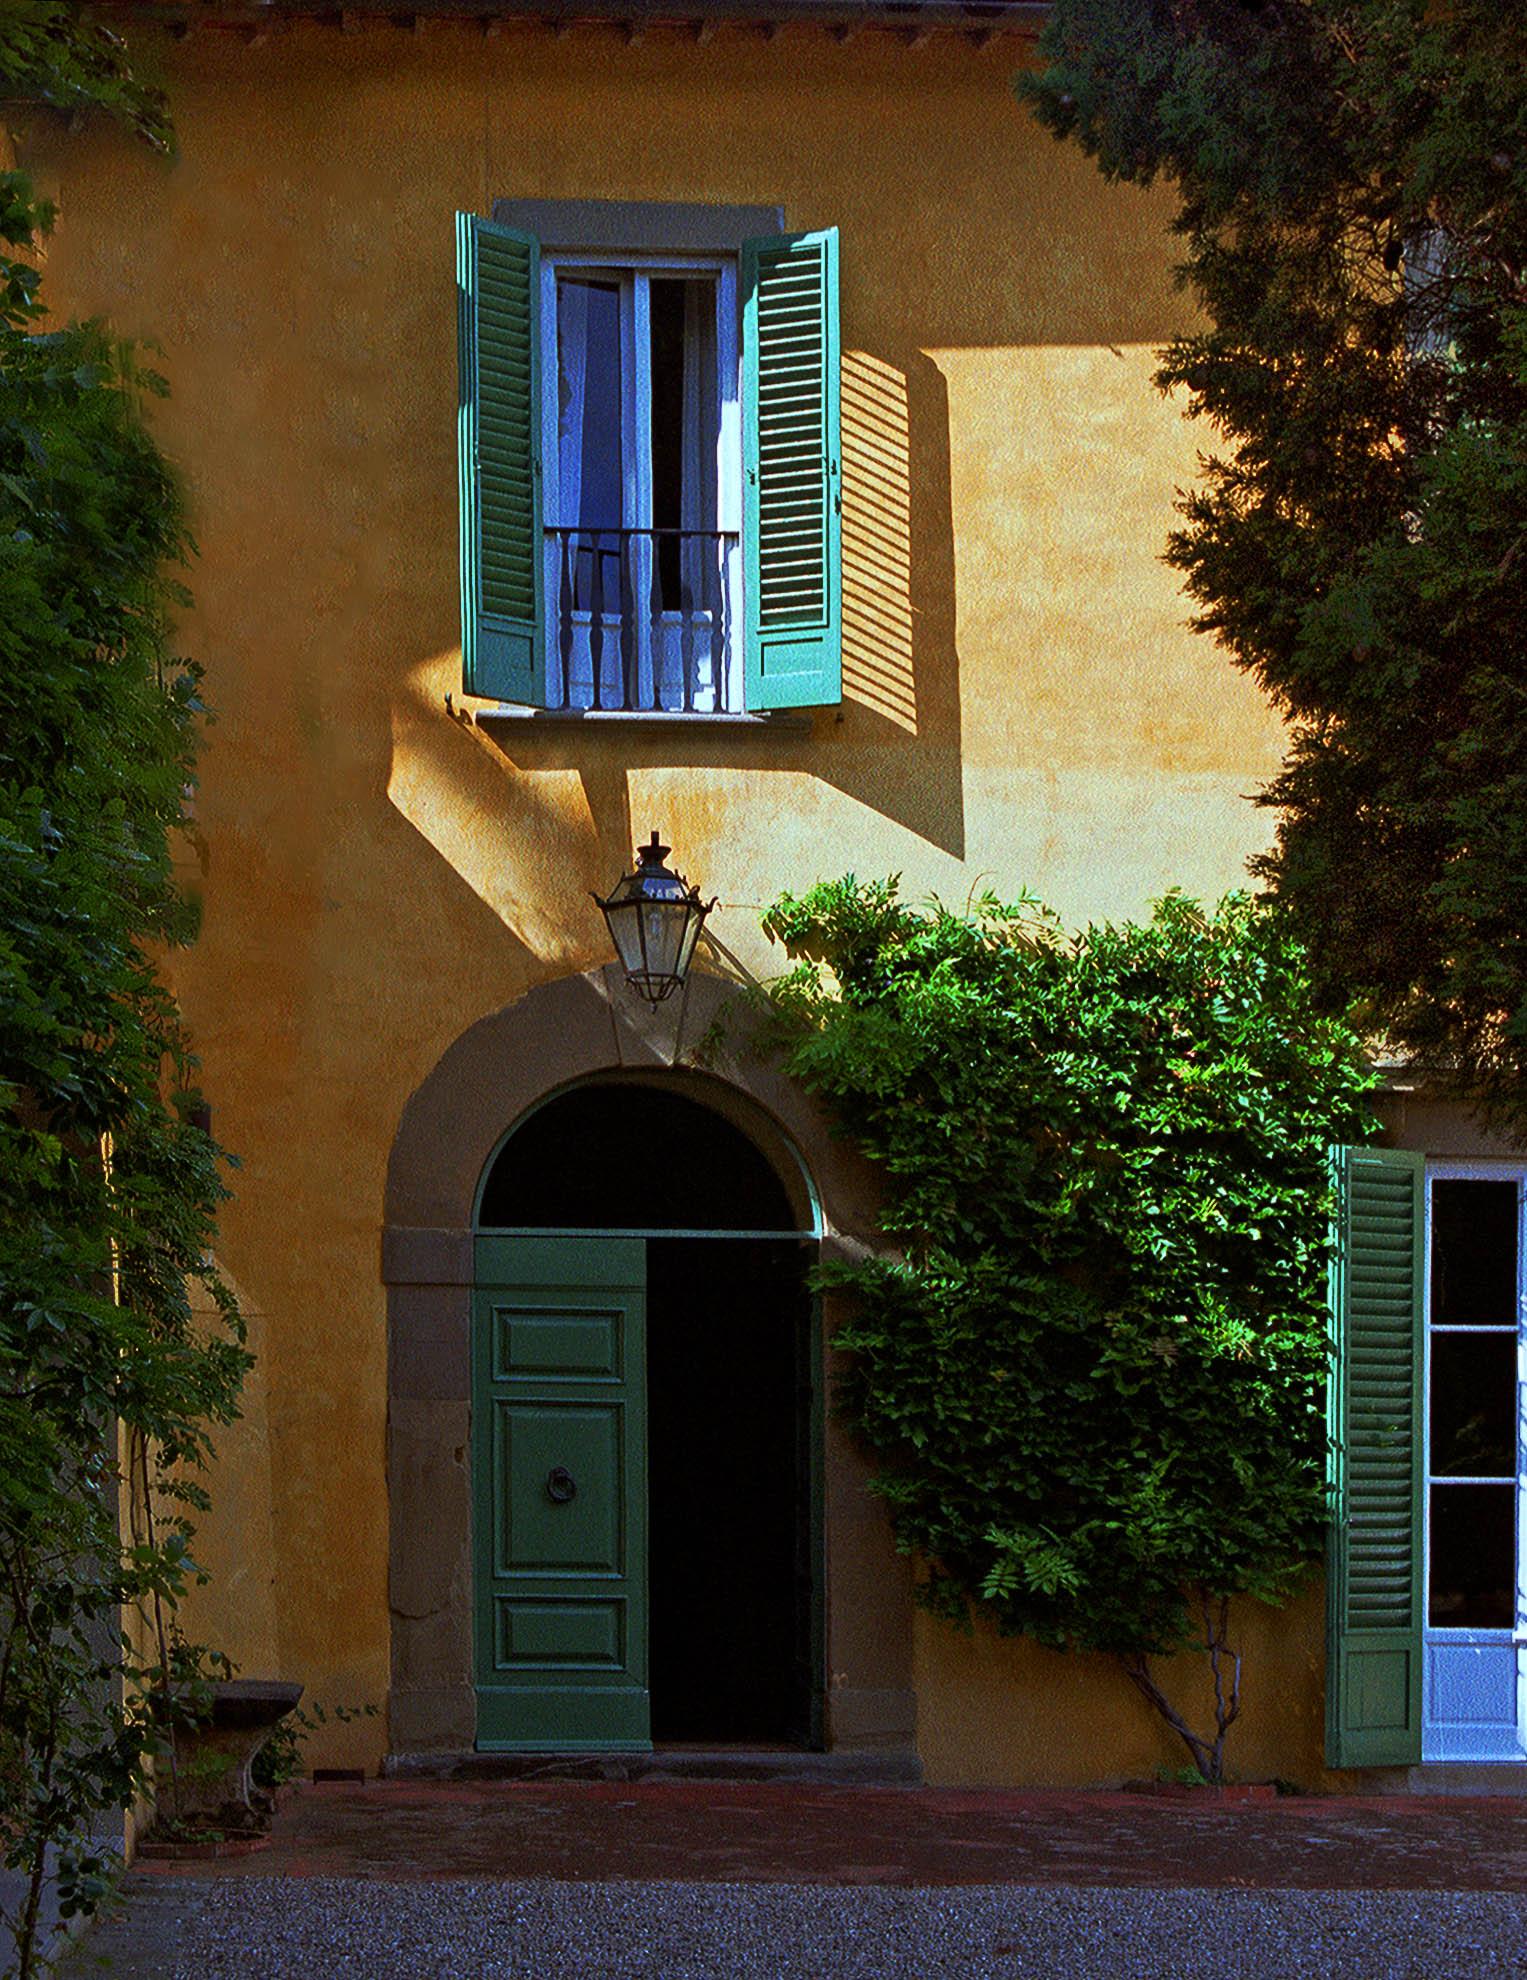 Italy - Tuscany - Villa il Poggiale